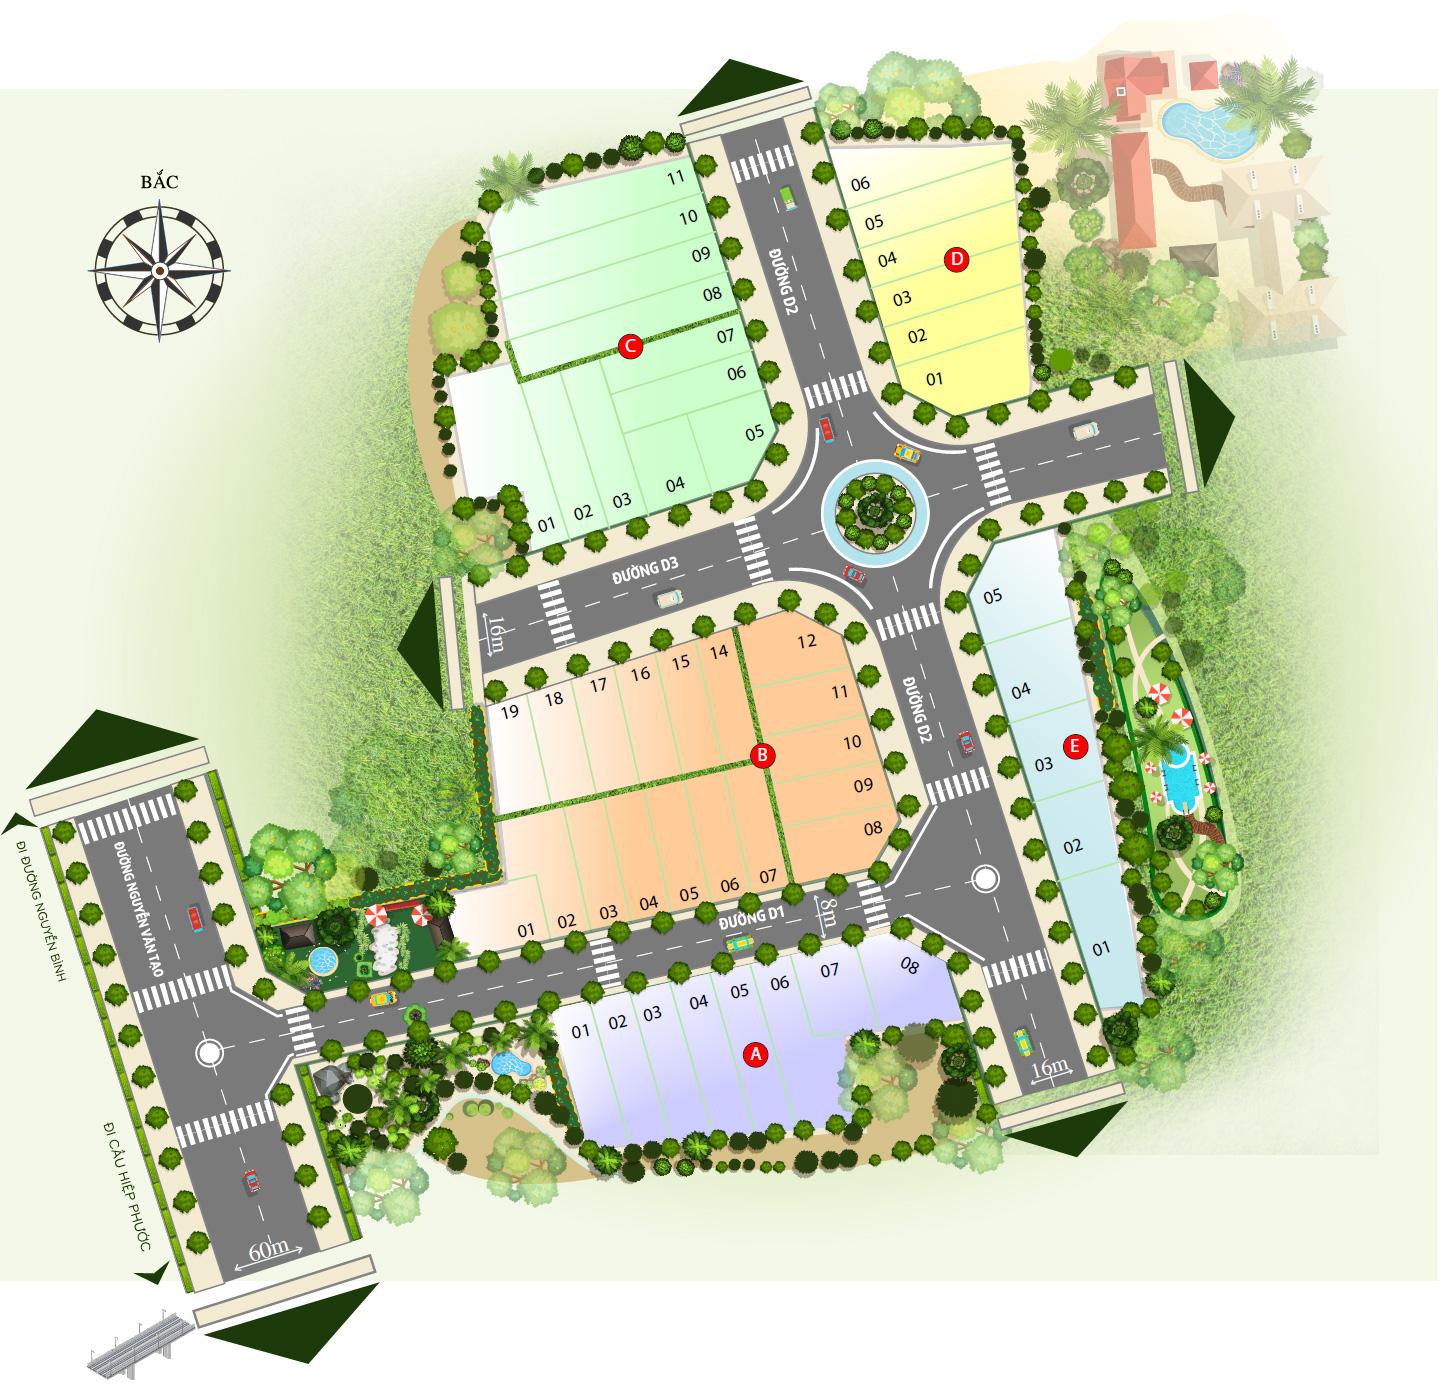 Bảng đồ phân lô dự án long savana